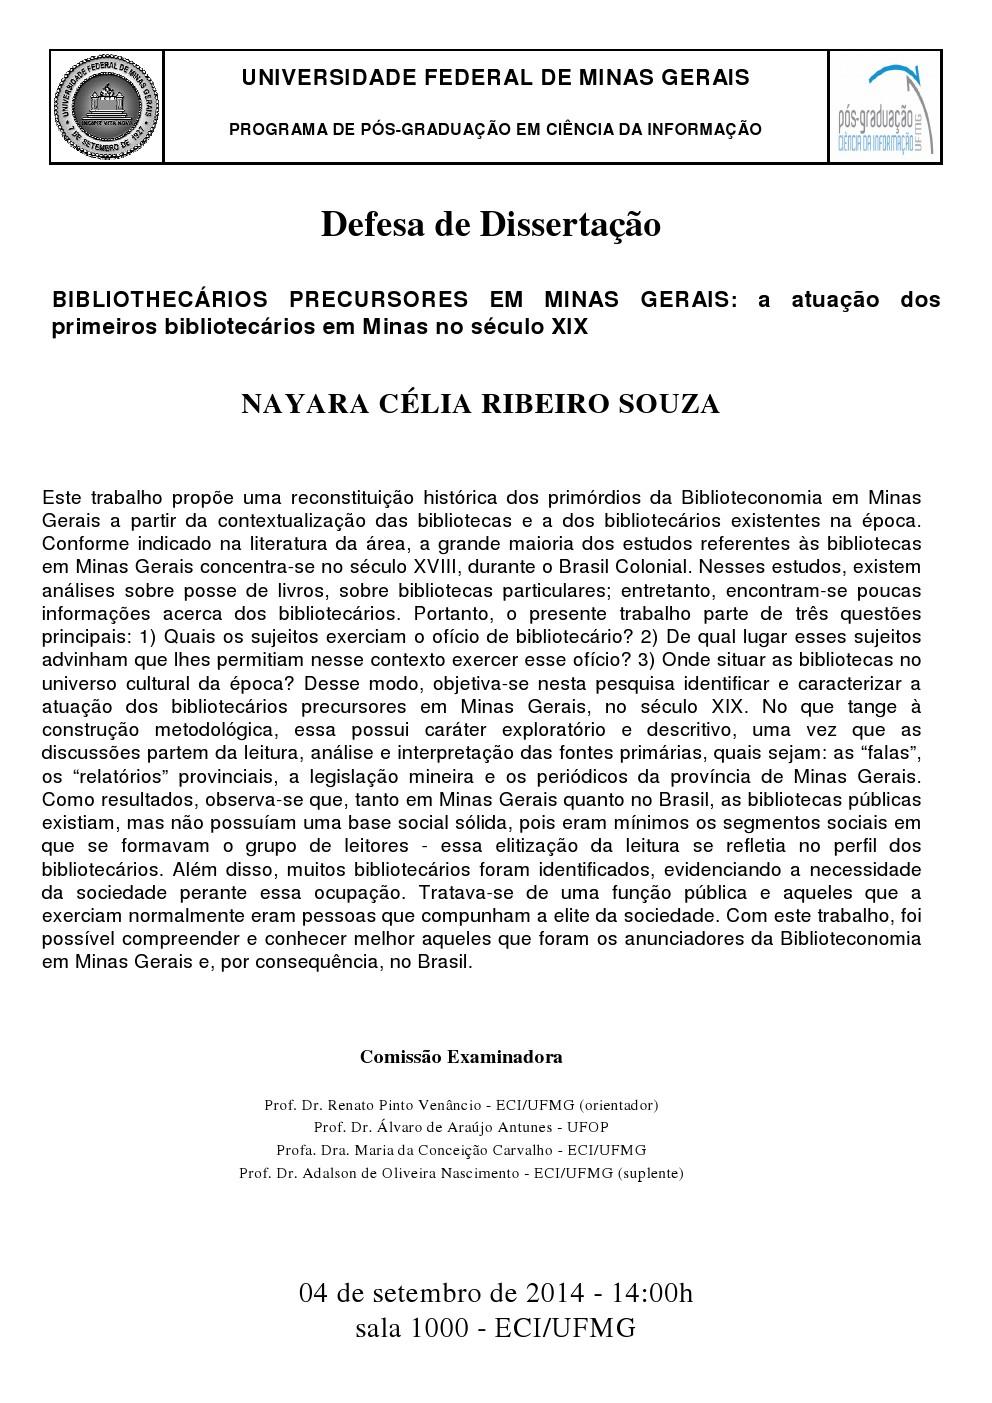 Defesa de Dissertação Nayara Célia Ribeiro Souza